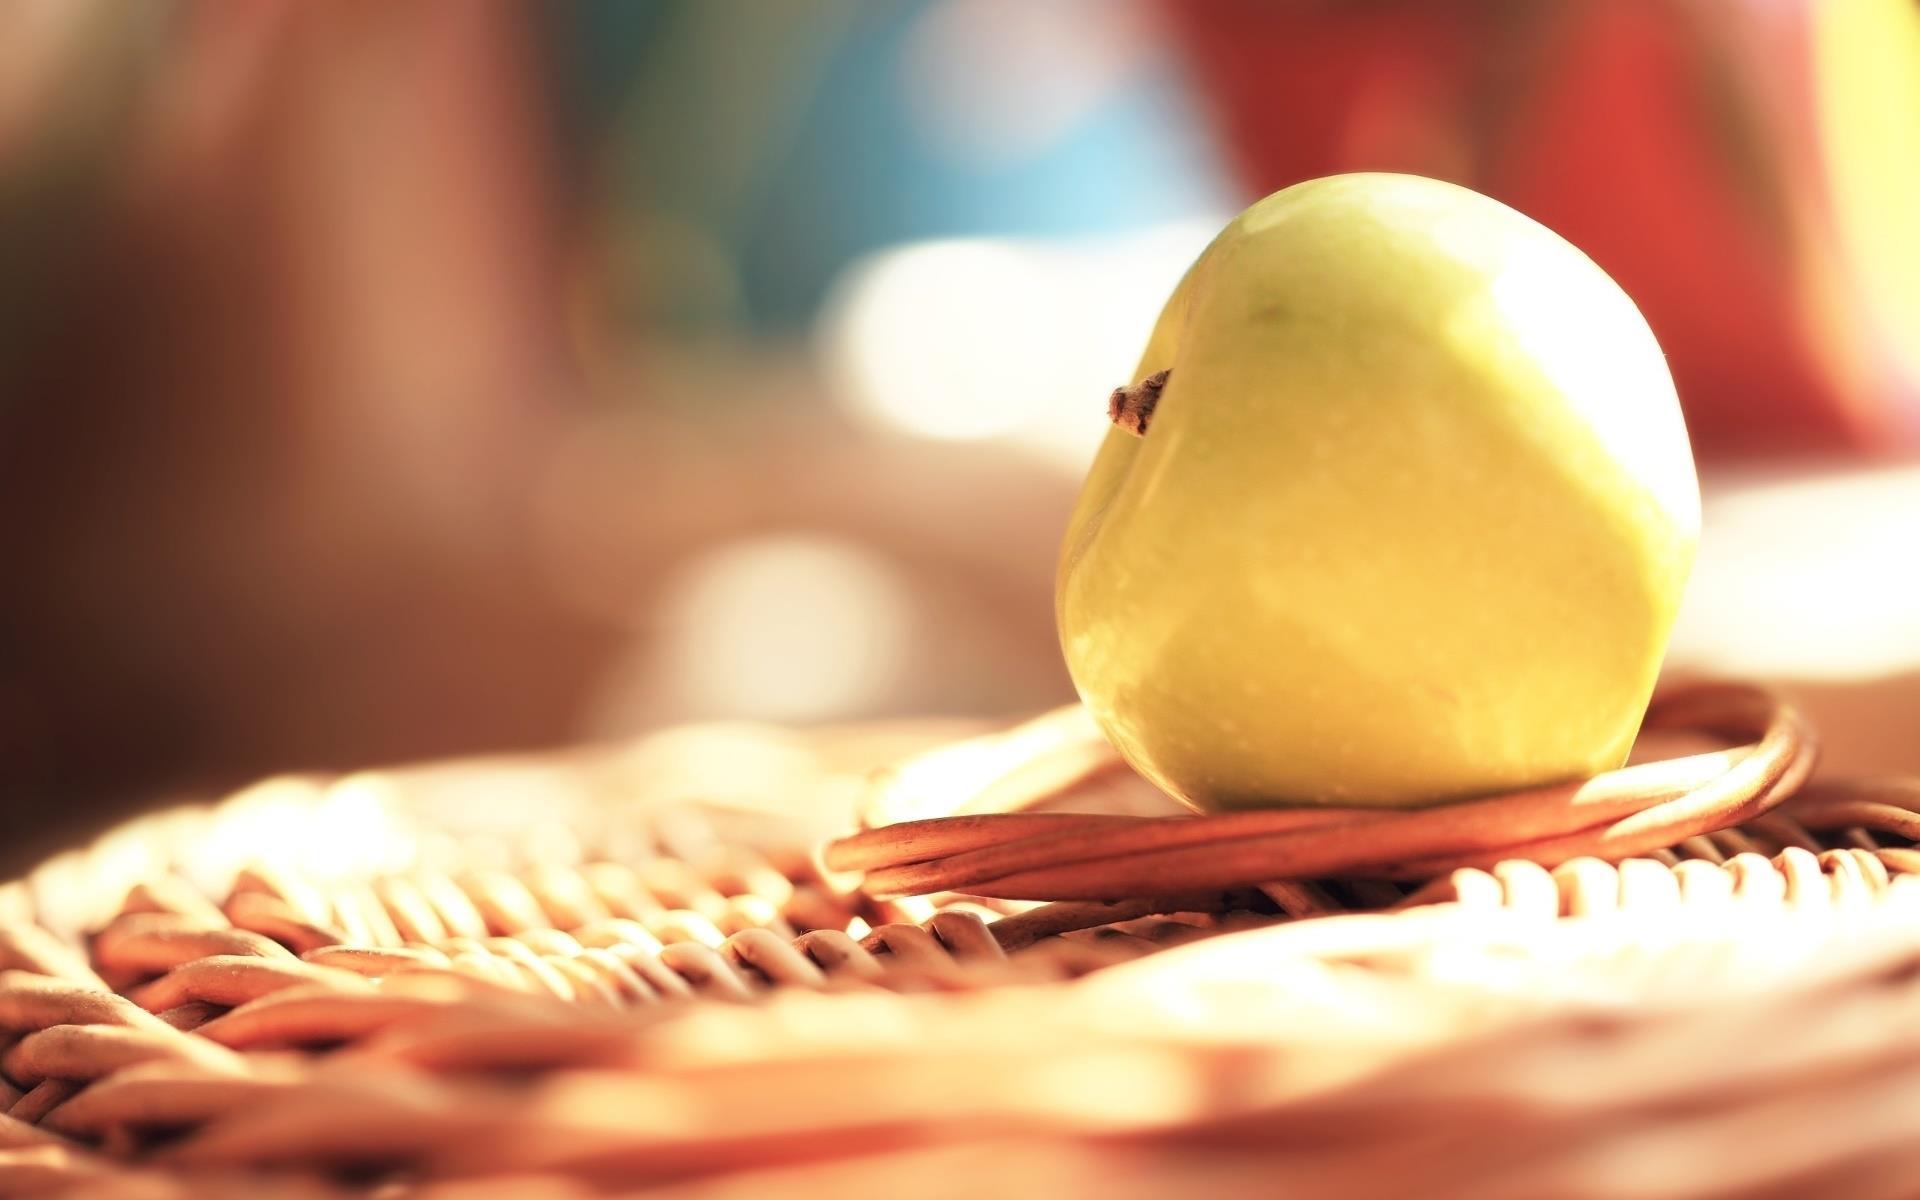 pomme_bien-manger-avec-appetit_03